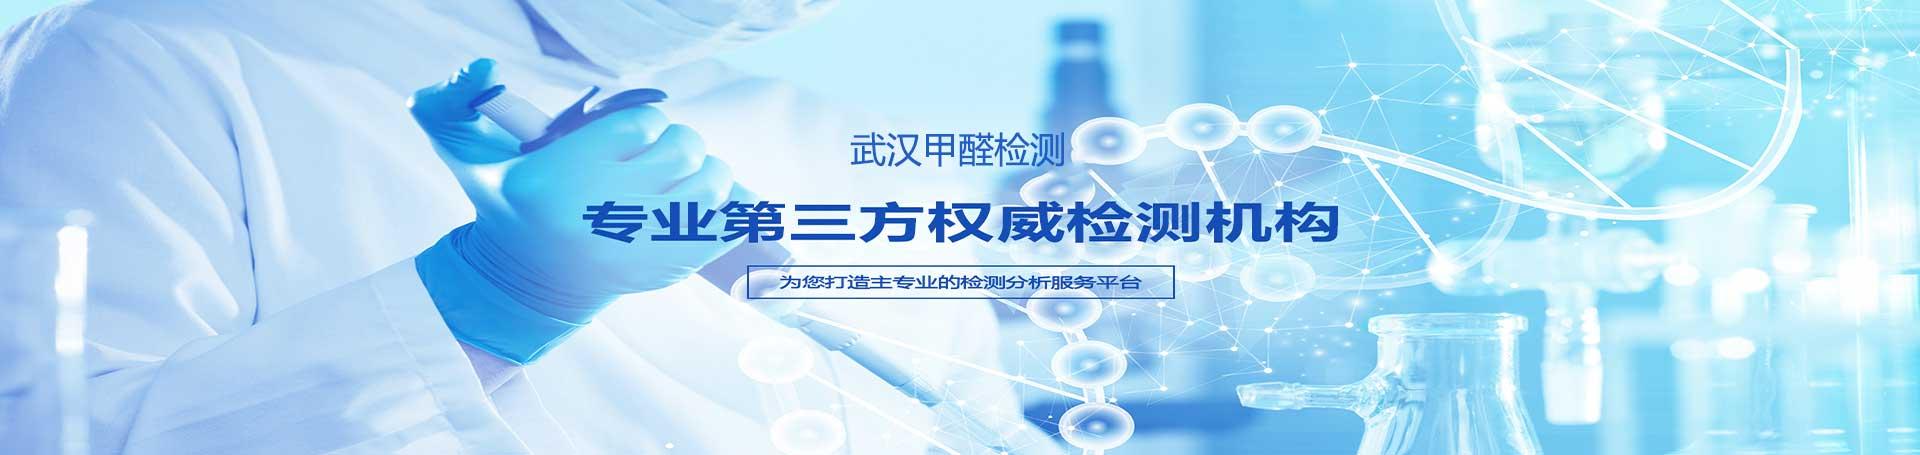 武汉甲醛检测打造专业第三方检测平台10年